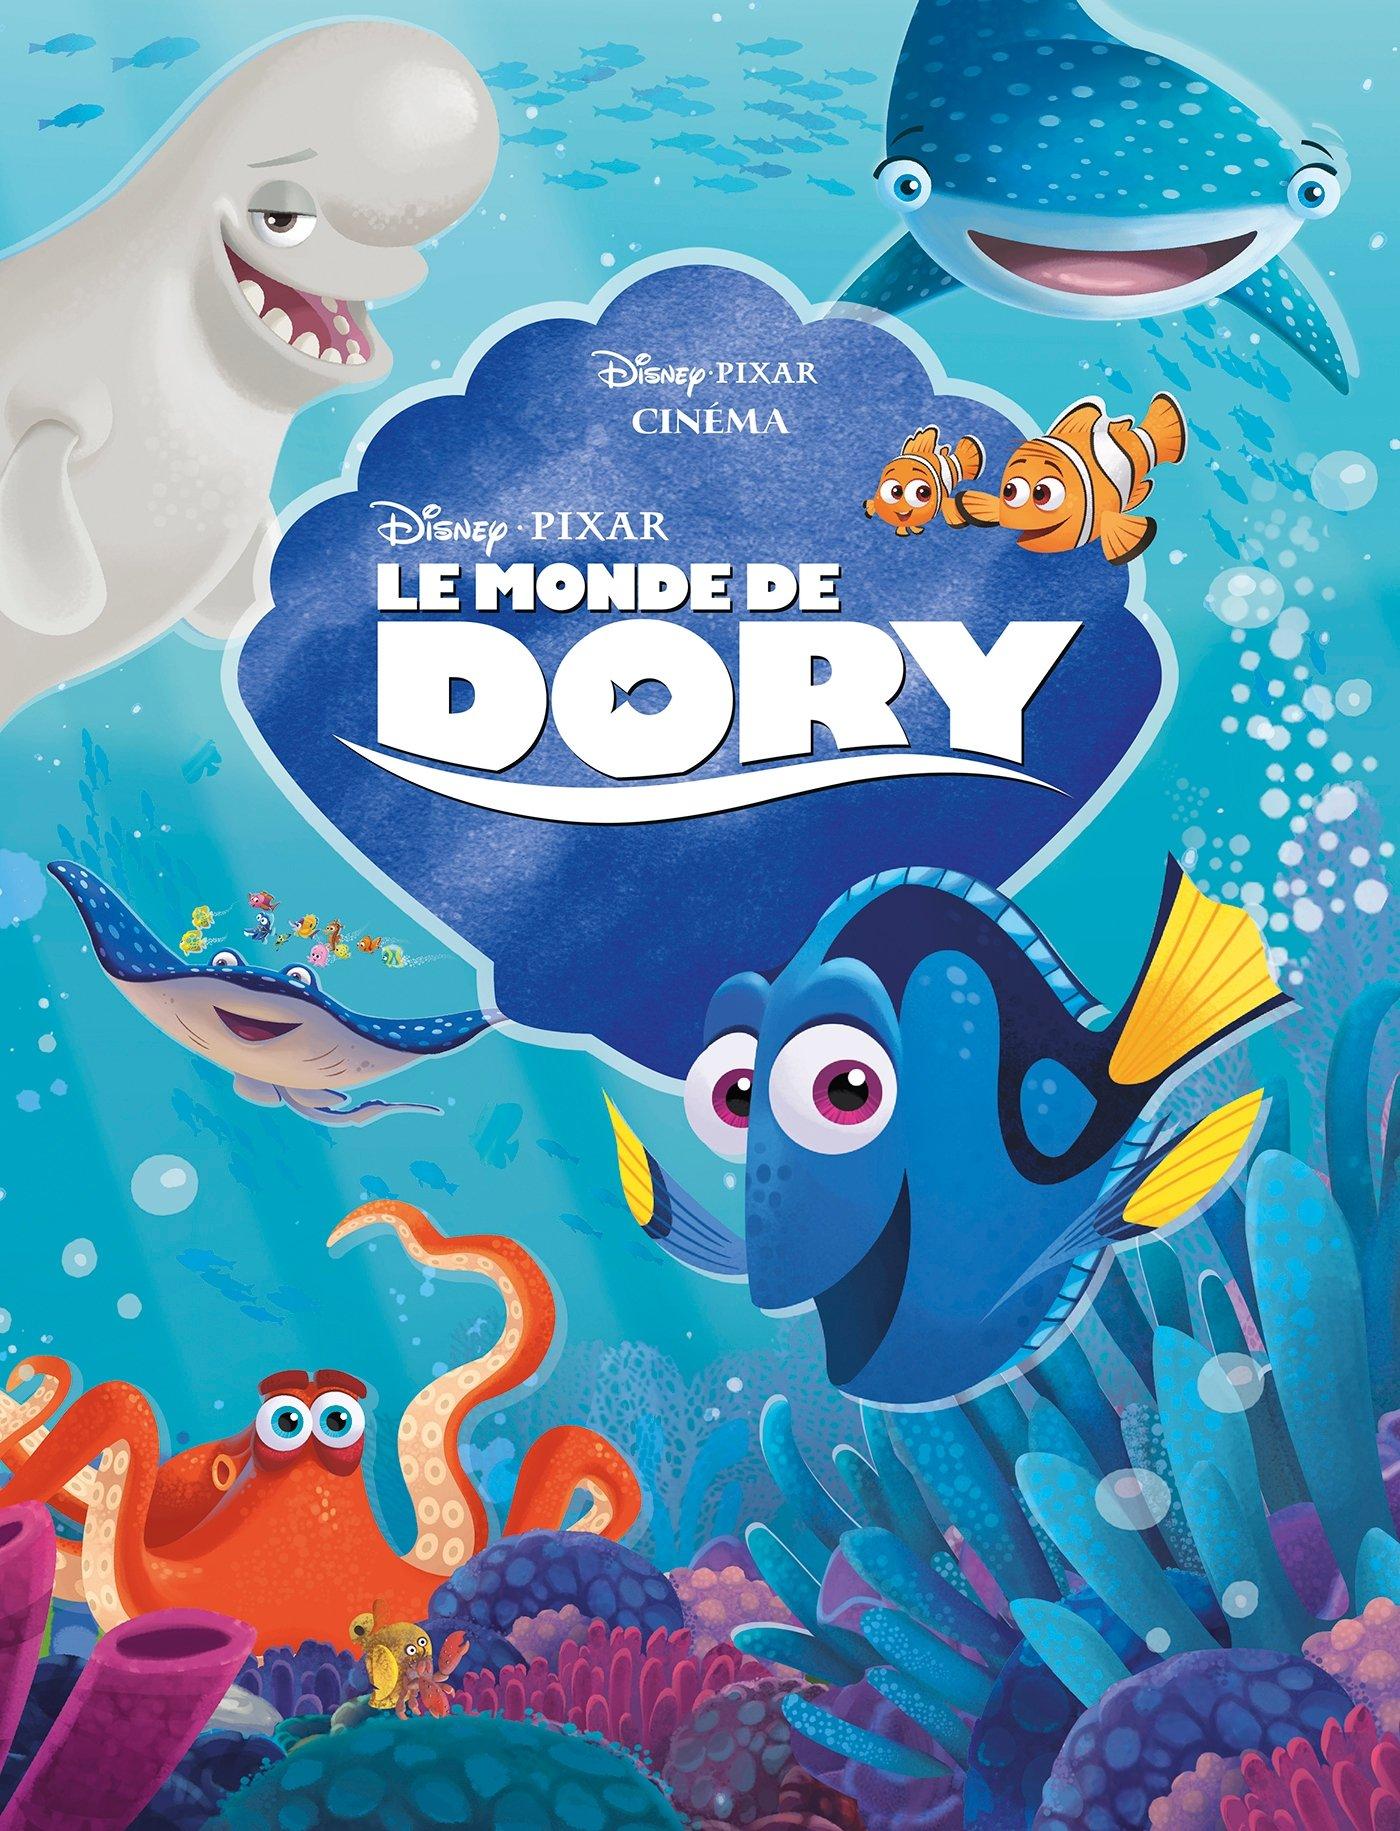 Le Monde de Dory, DISNEY CINEMA Album – 1 juin 2016 Collectif Emmanuelle Caussé 2012804357 Albums